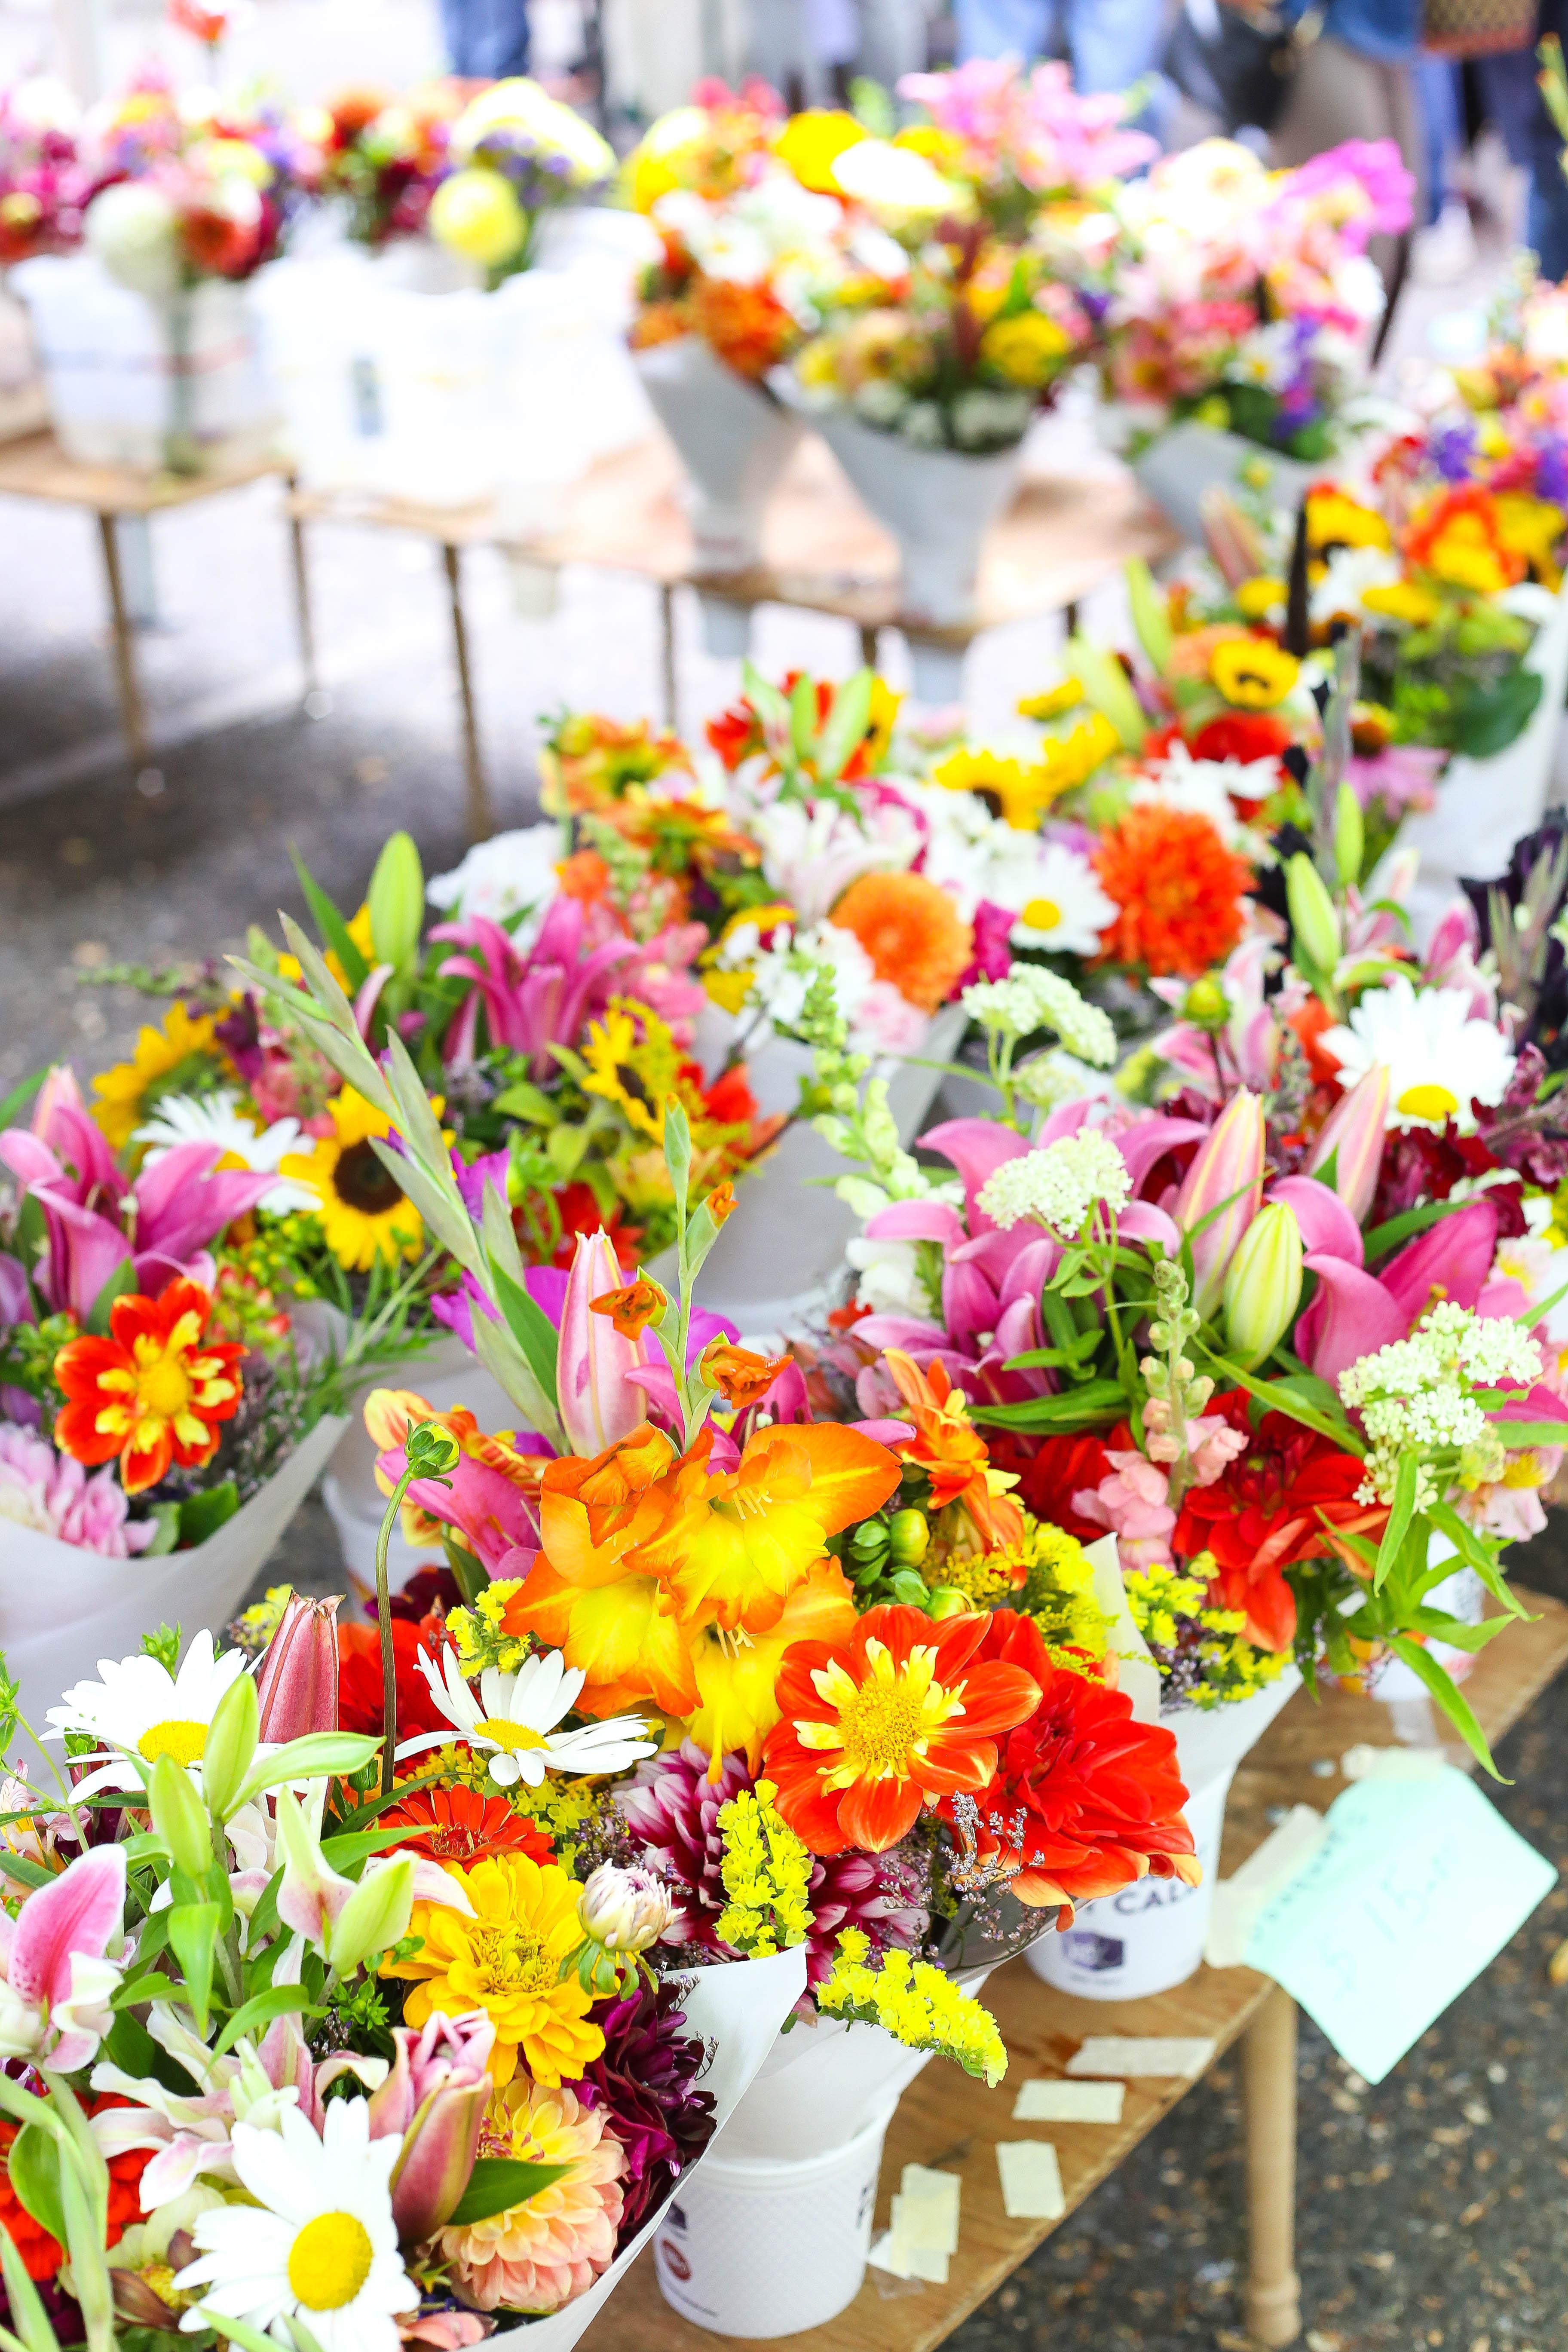 portlant-dessert-farmers-market-flowers